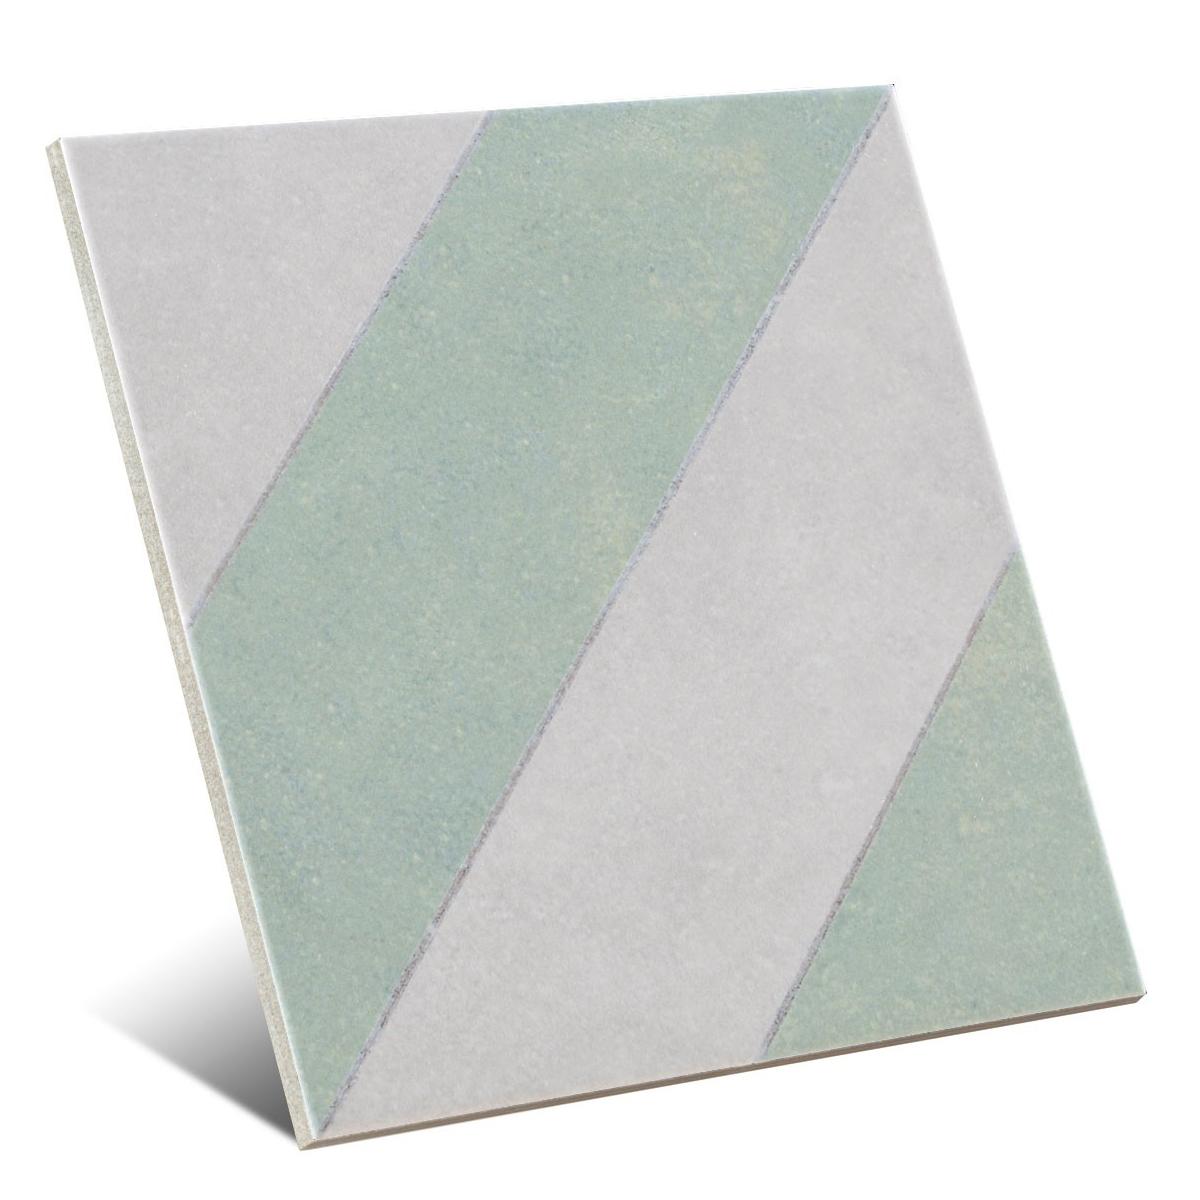 Diagonals Sage 22,3x22,3 (caja 1 m2)